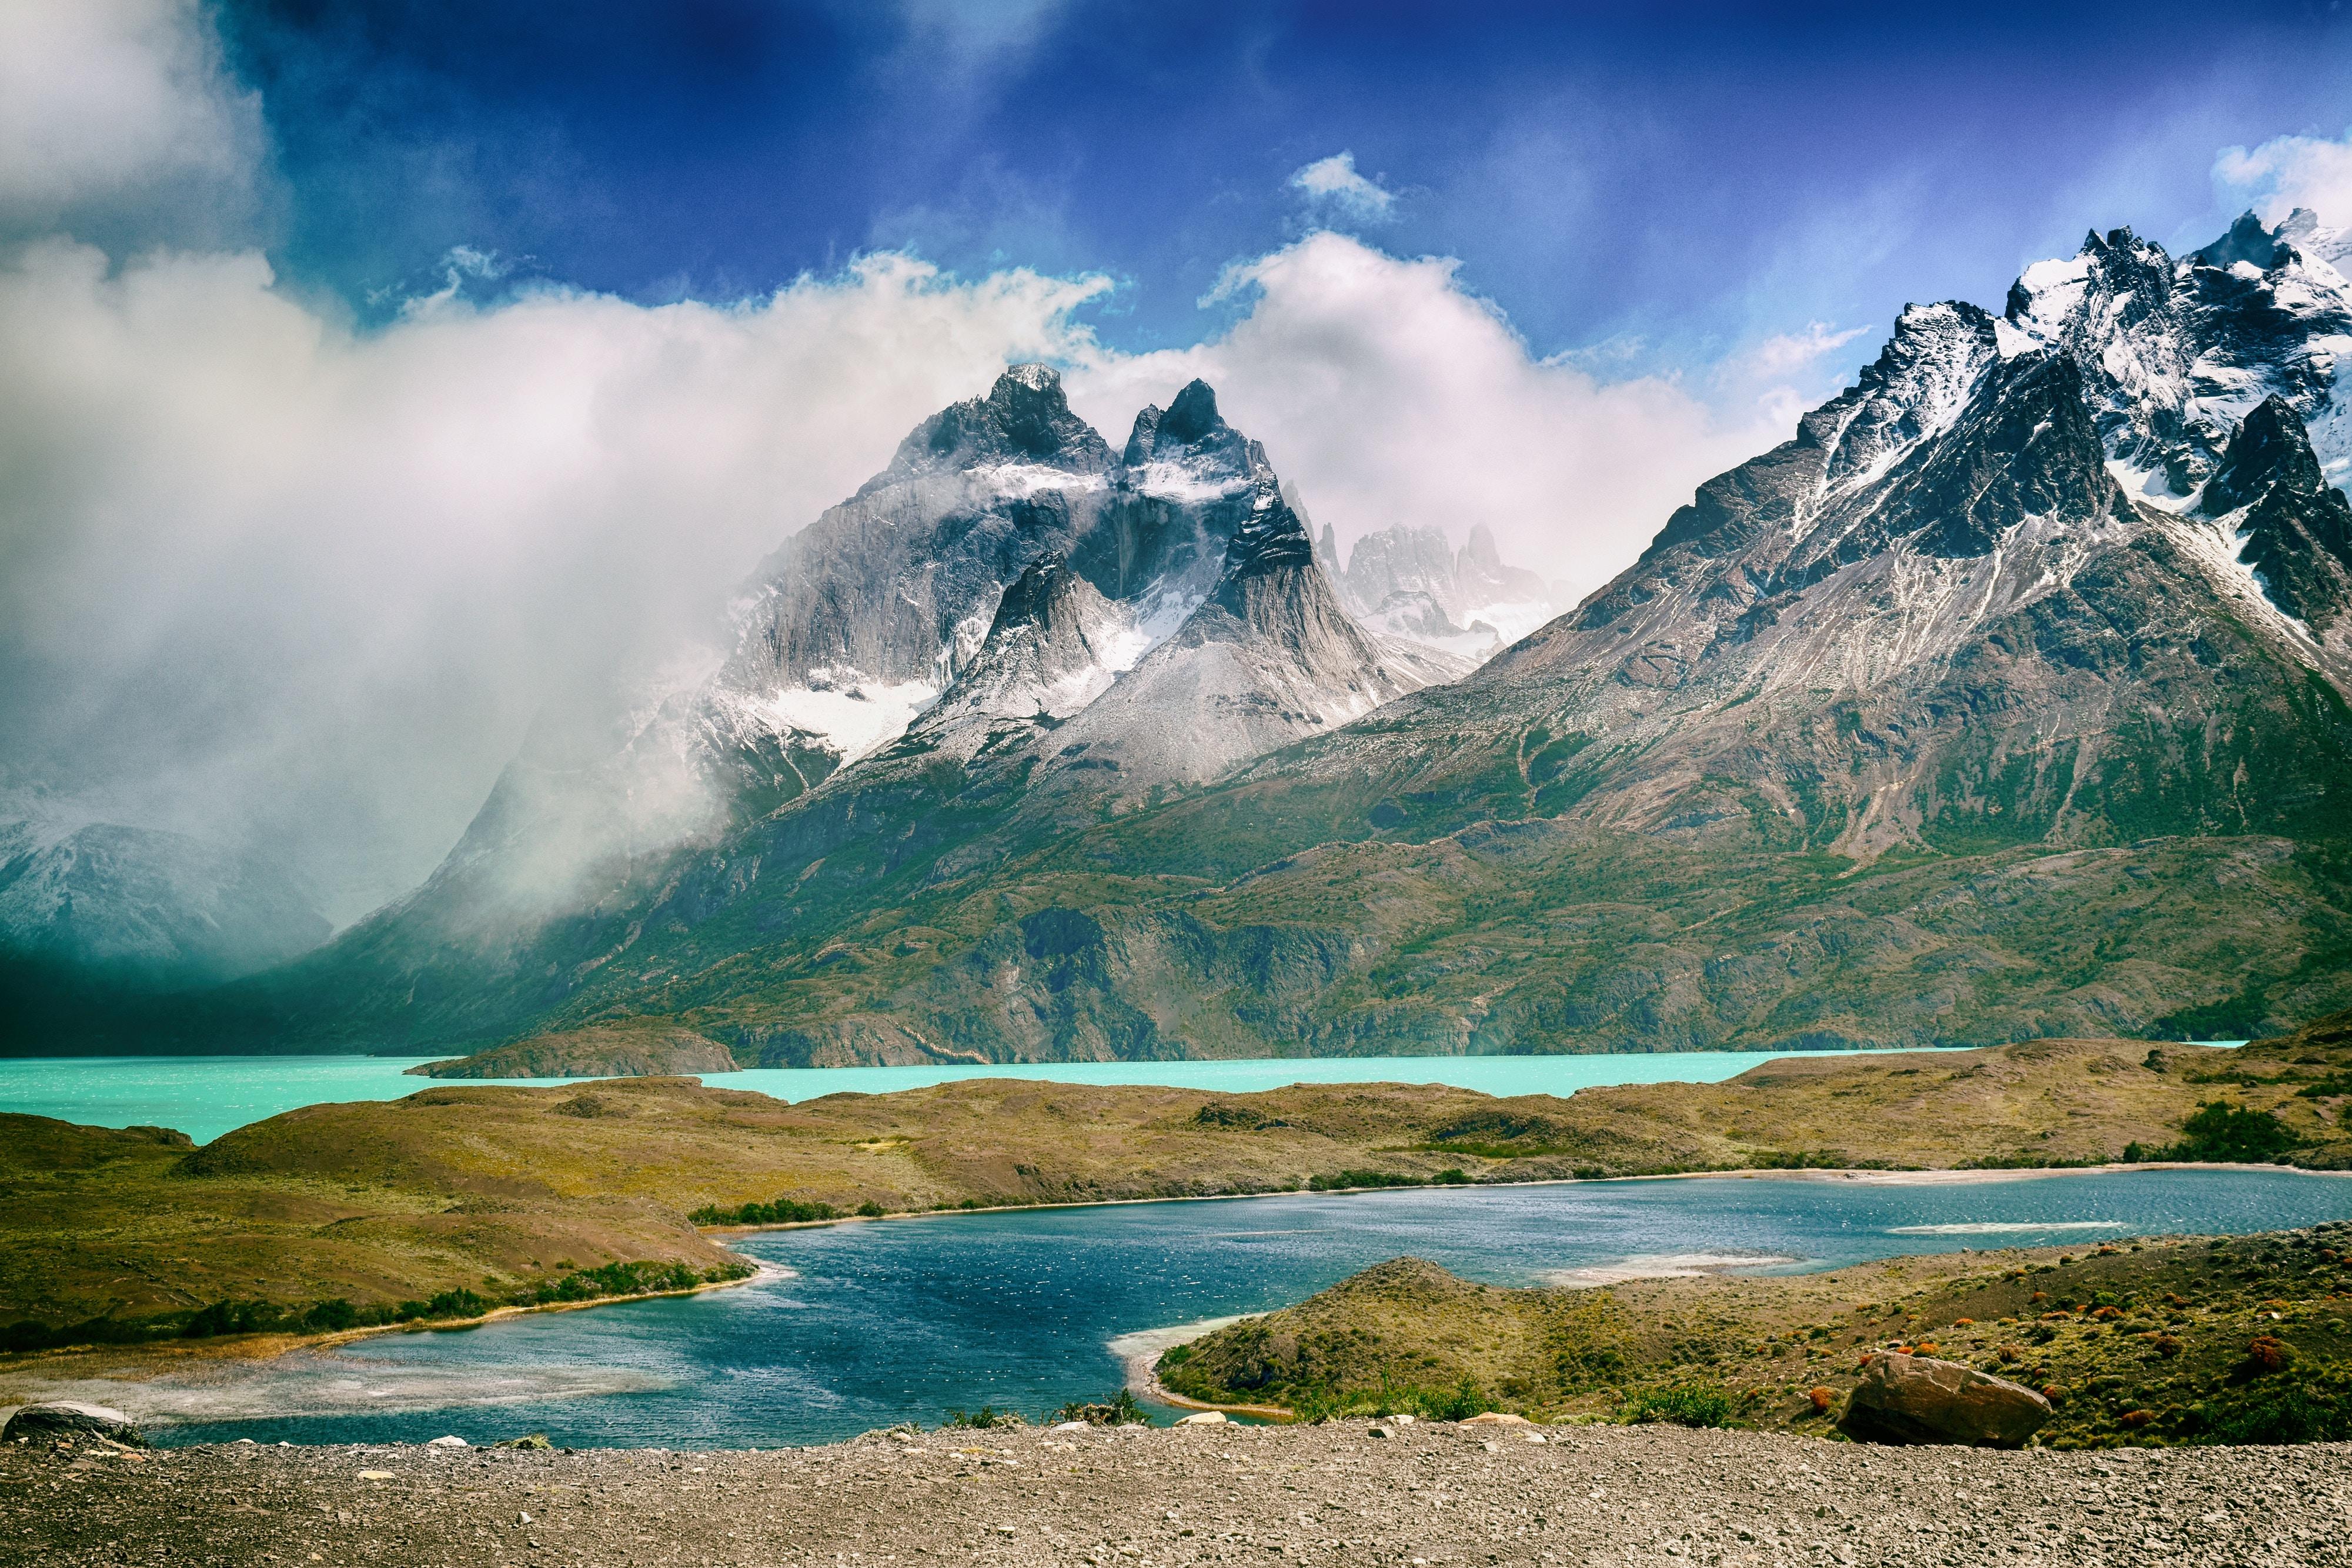 Immersion au cœur des grands espaces de la Patagonie Argentine et Chilienne